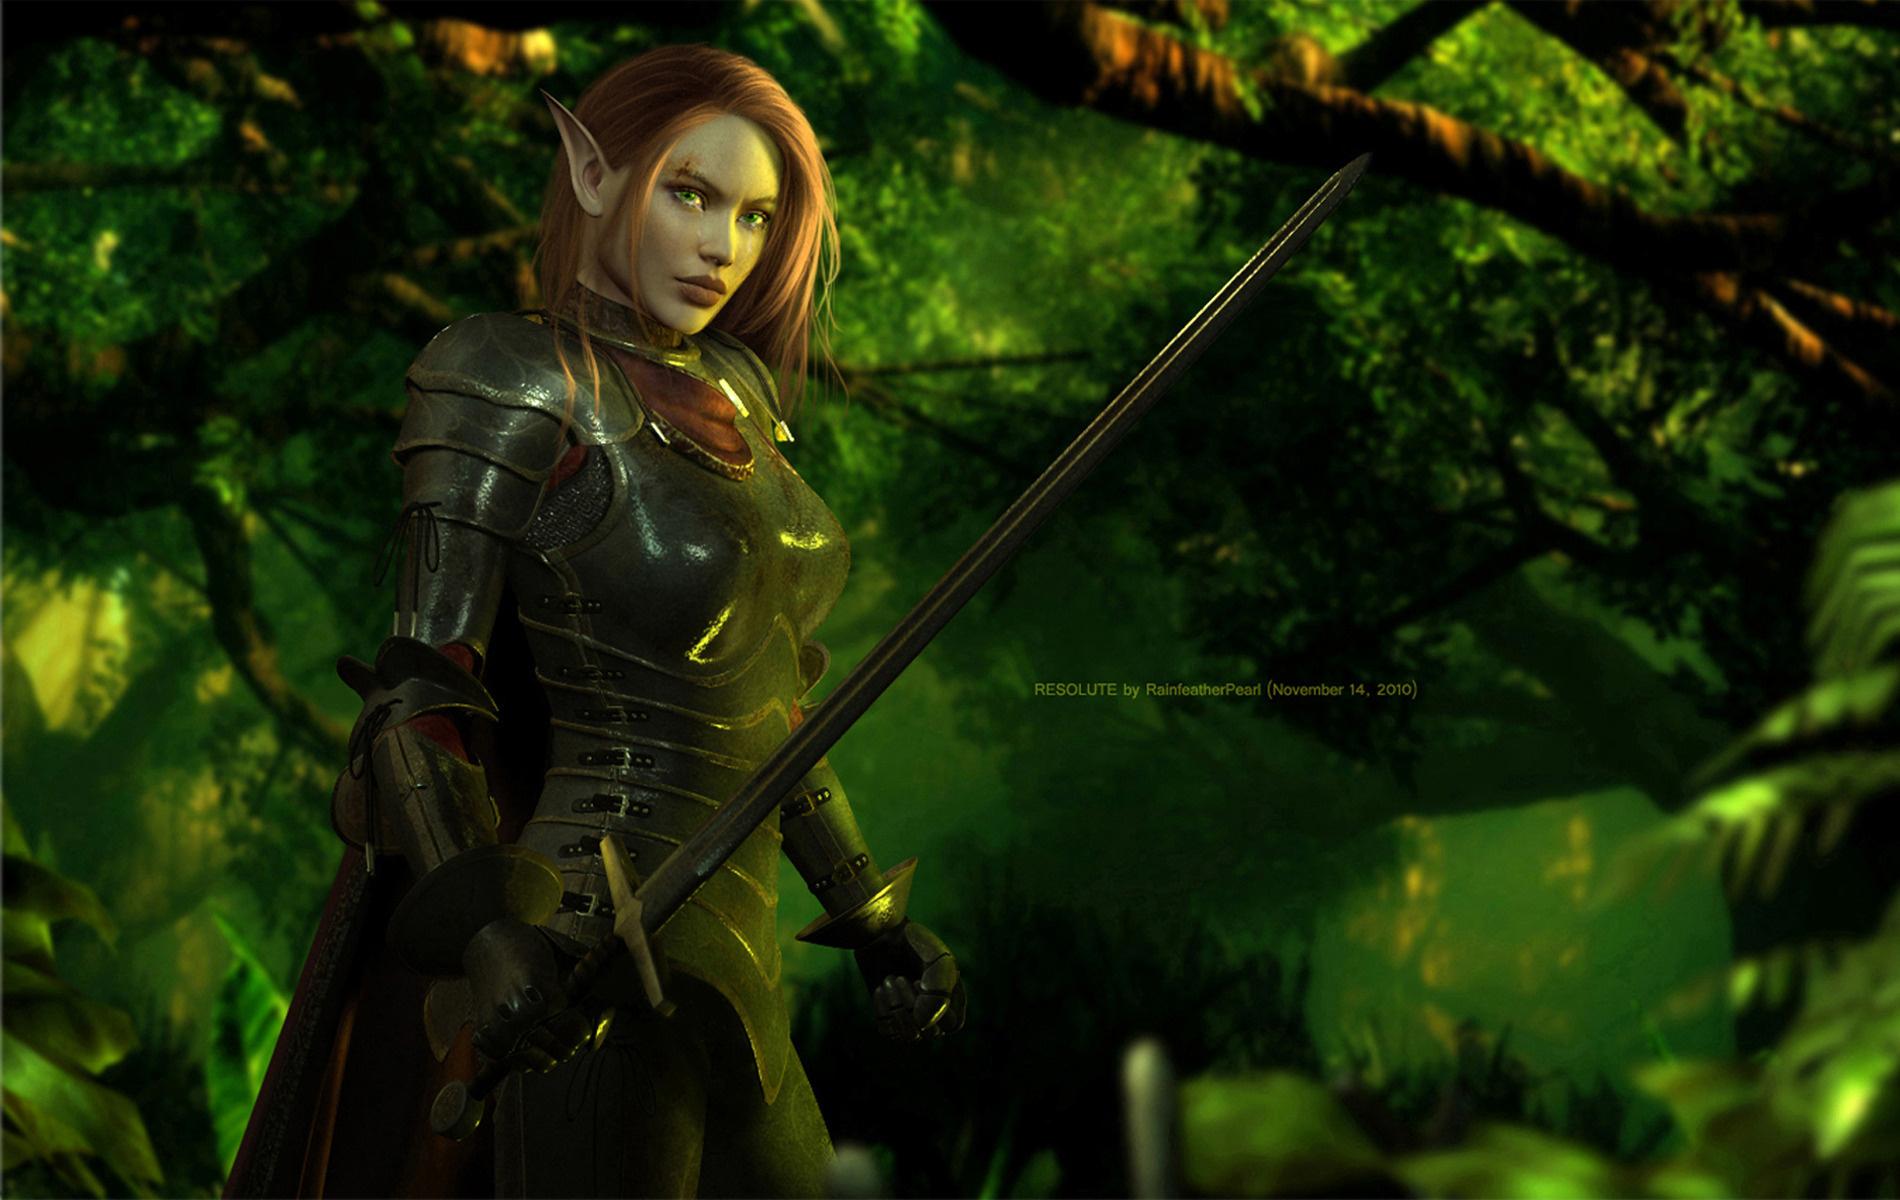 Wallpaper elf warrior sword armor forest desktop 1900x1200